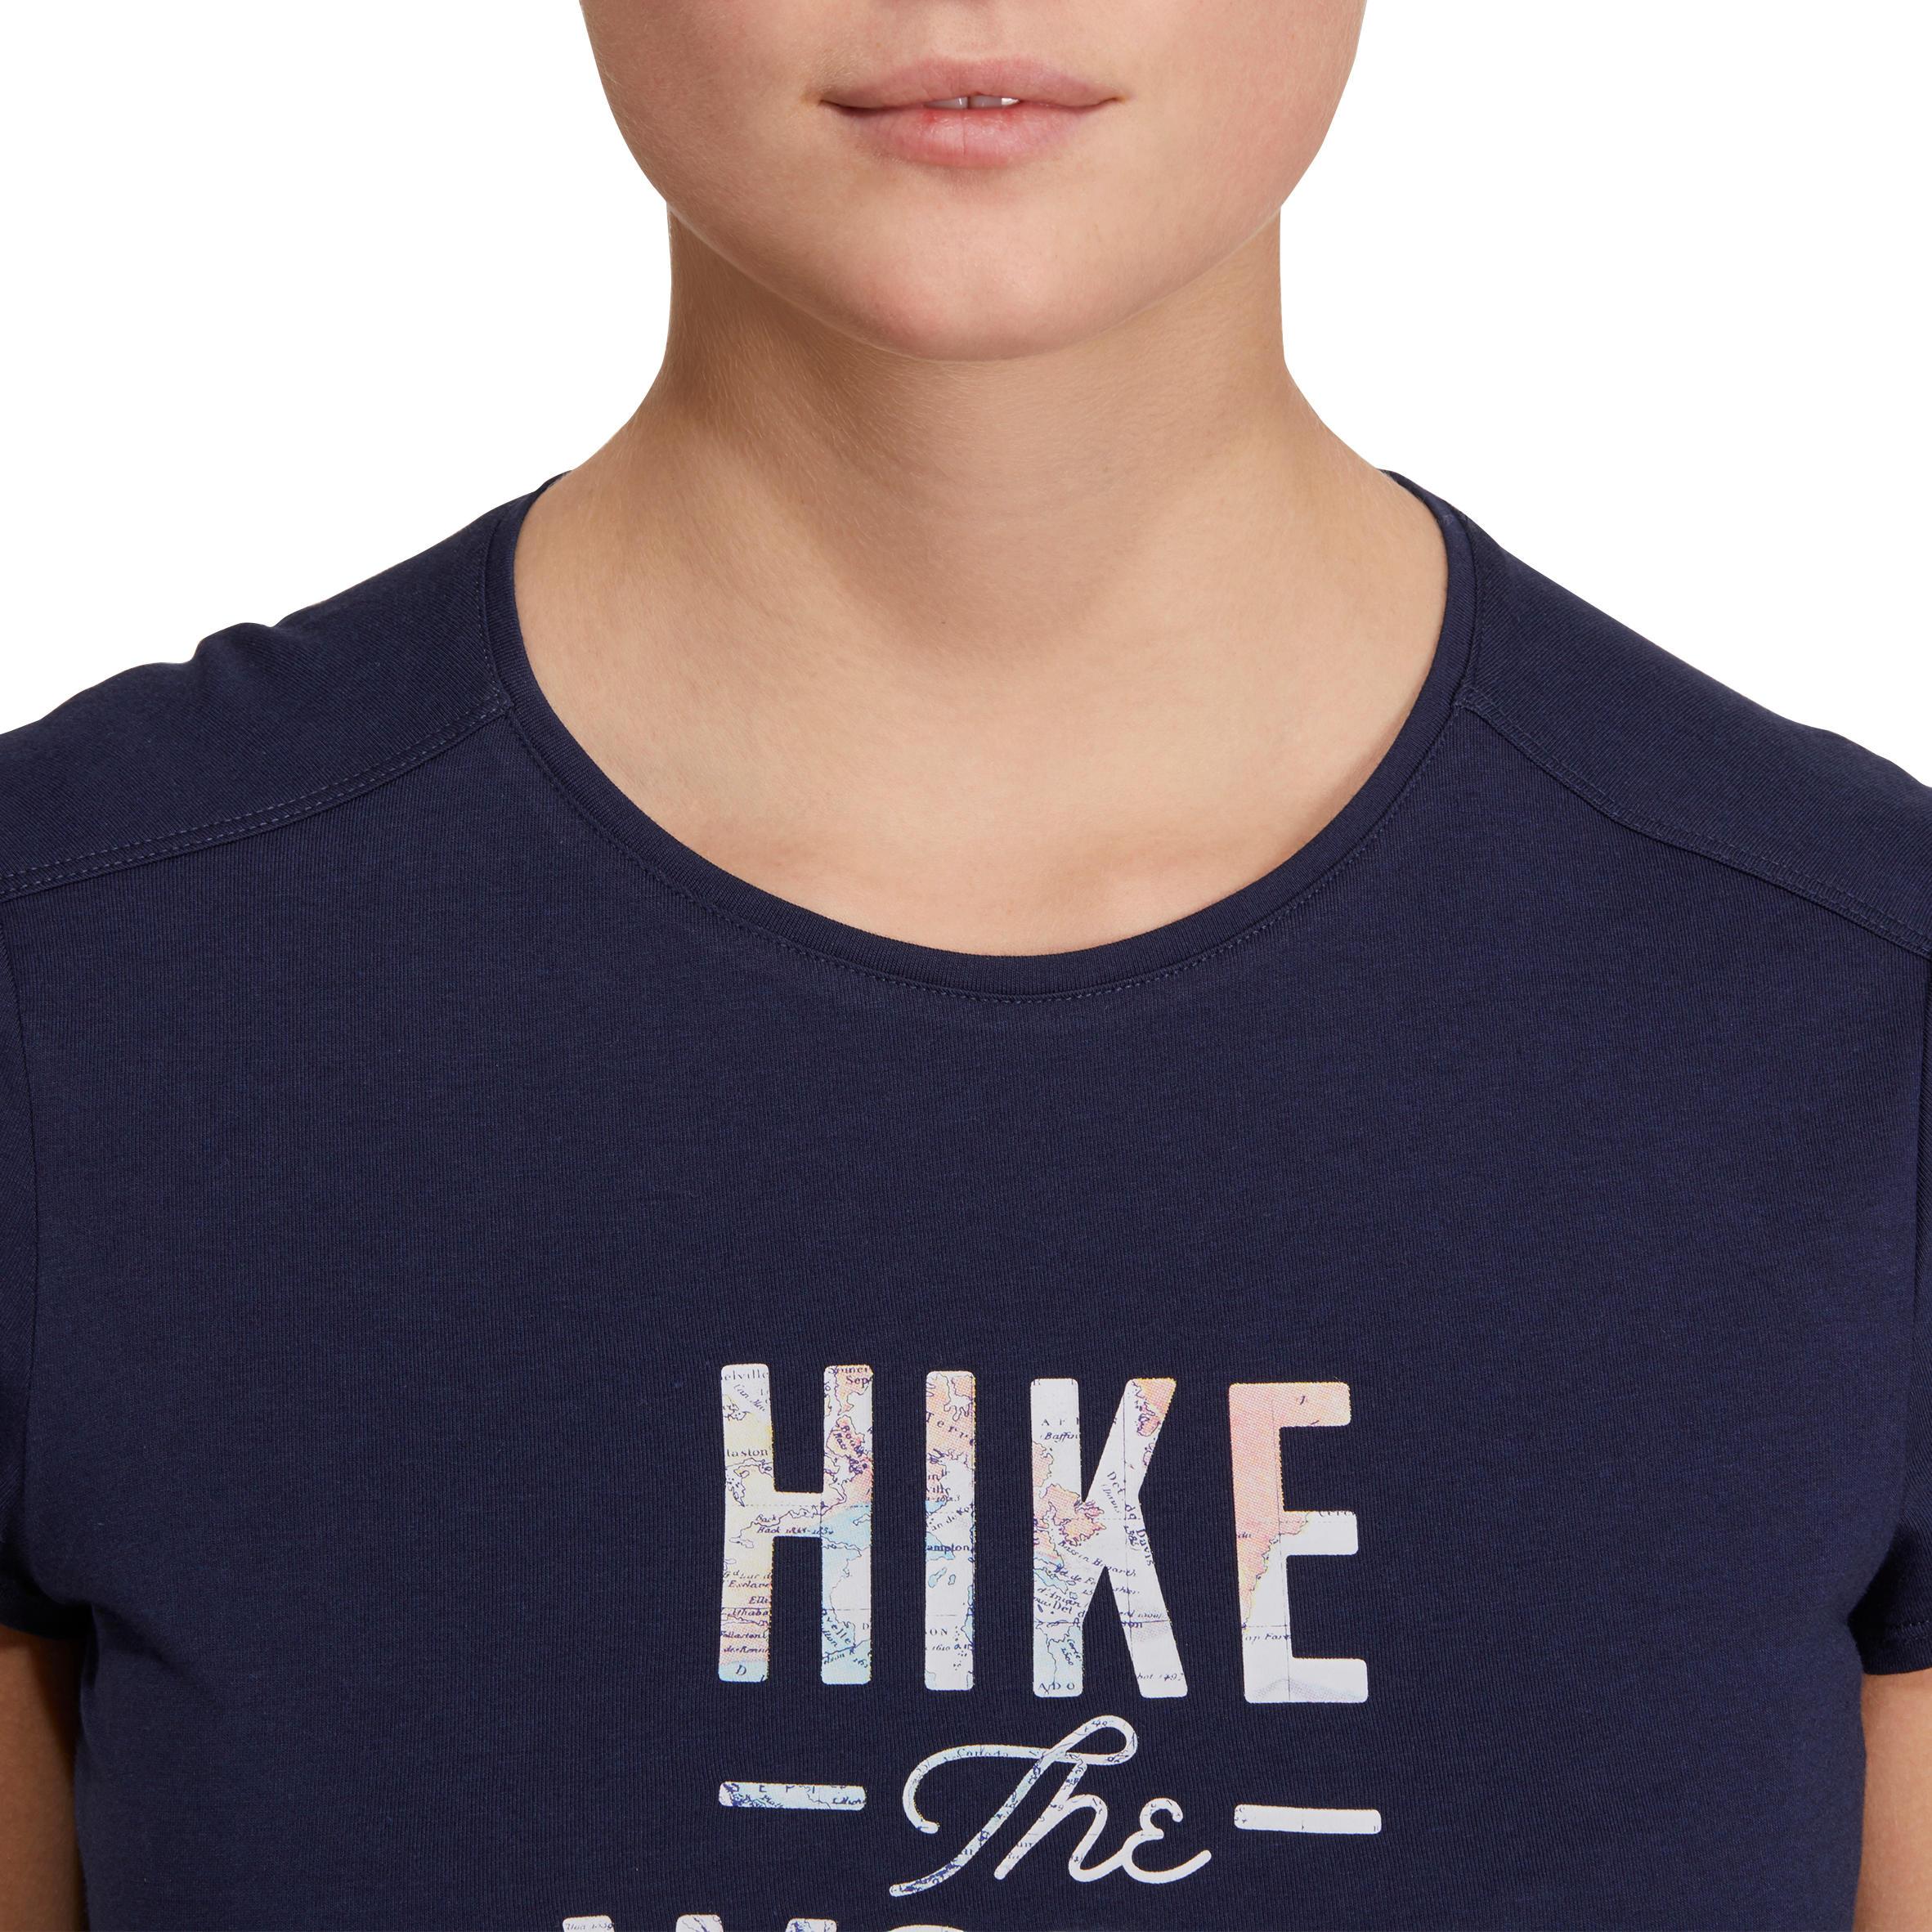 NH500 Women's Country Walking T-shirt - Navy